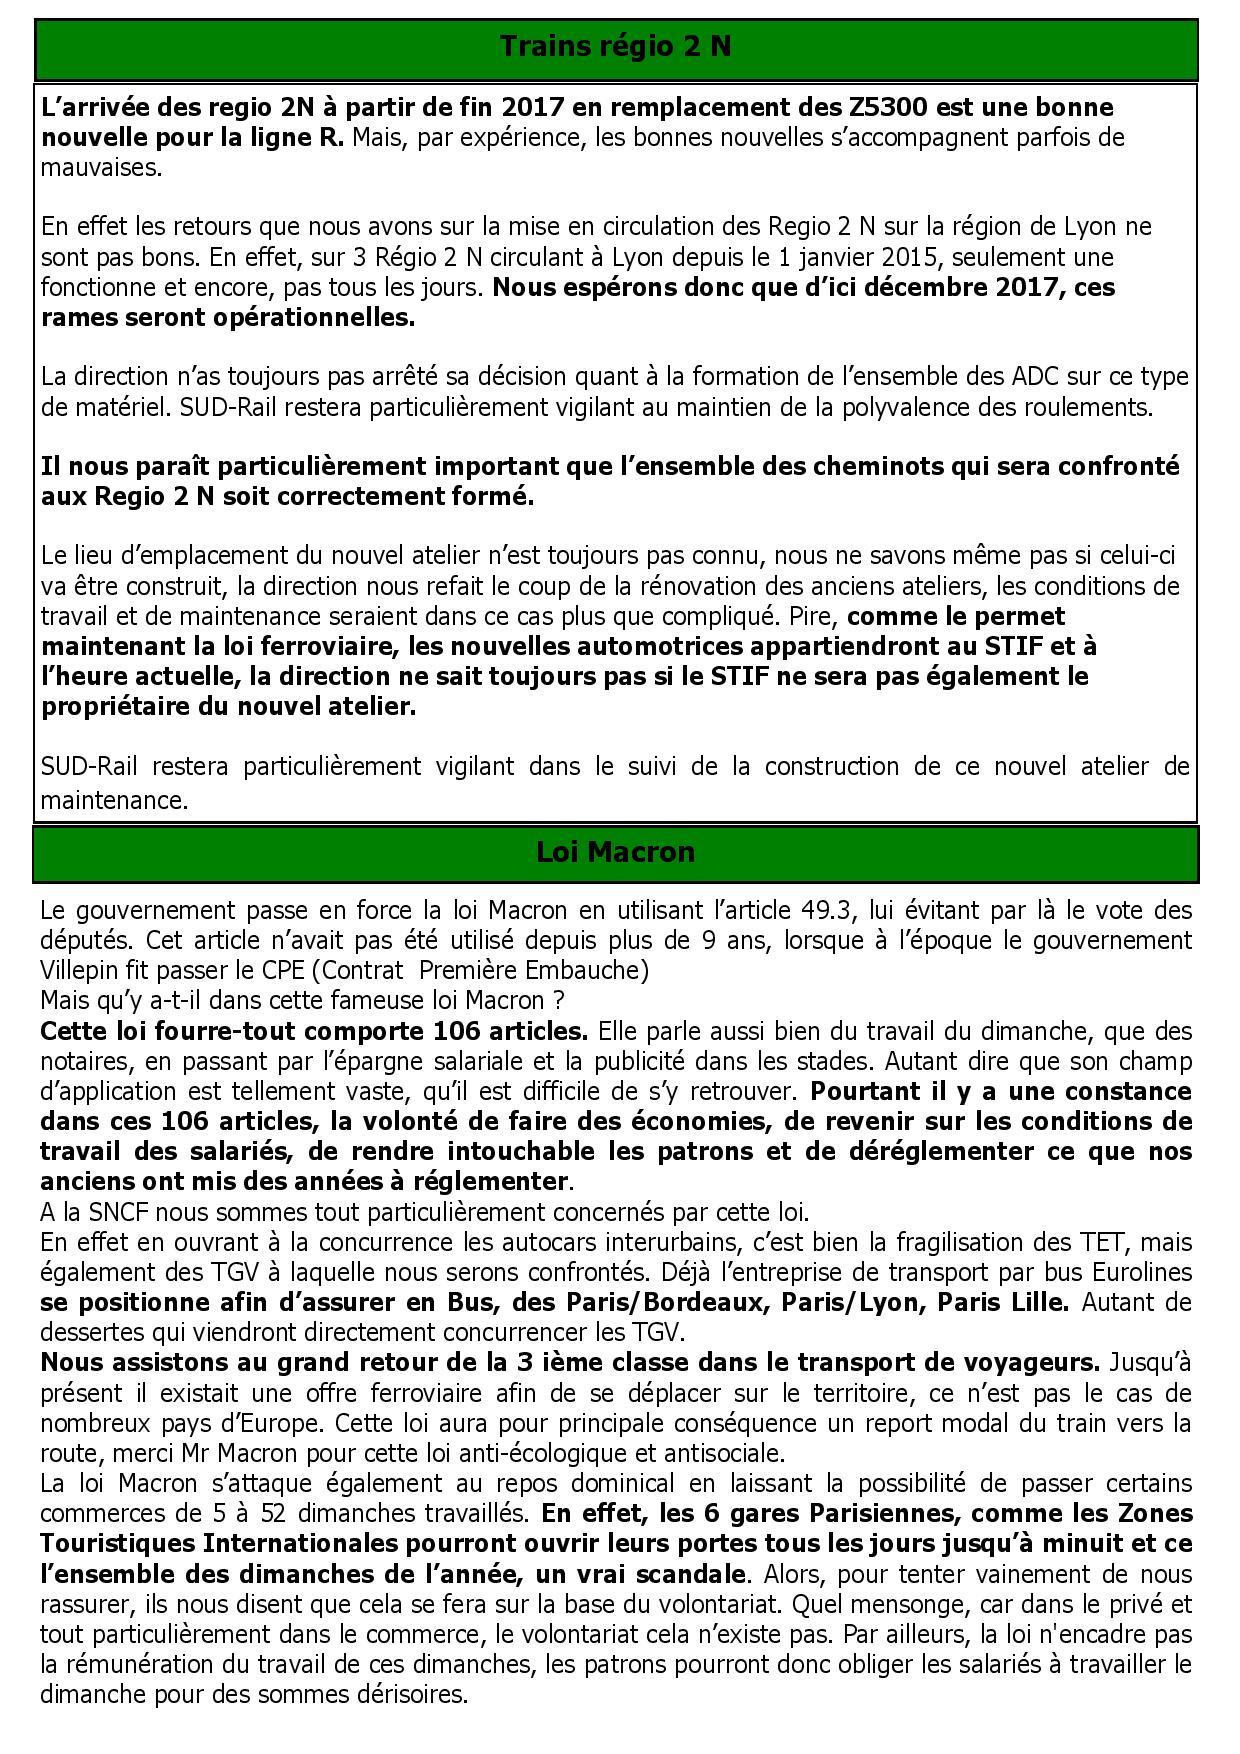 LS f+®vrier 2015-page-003